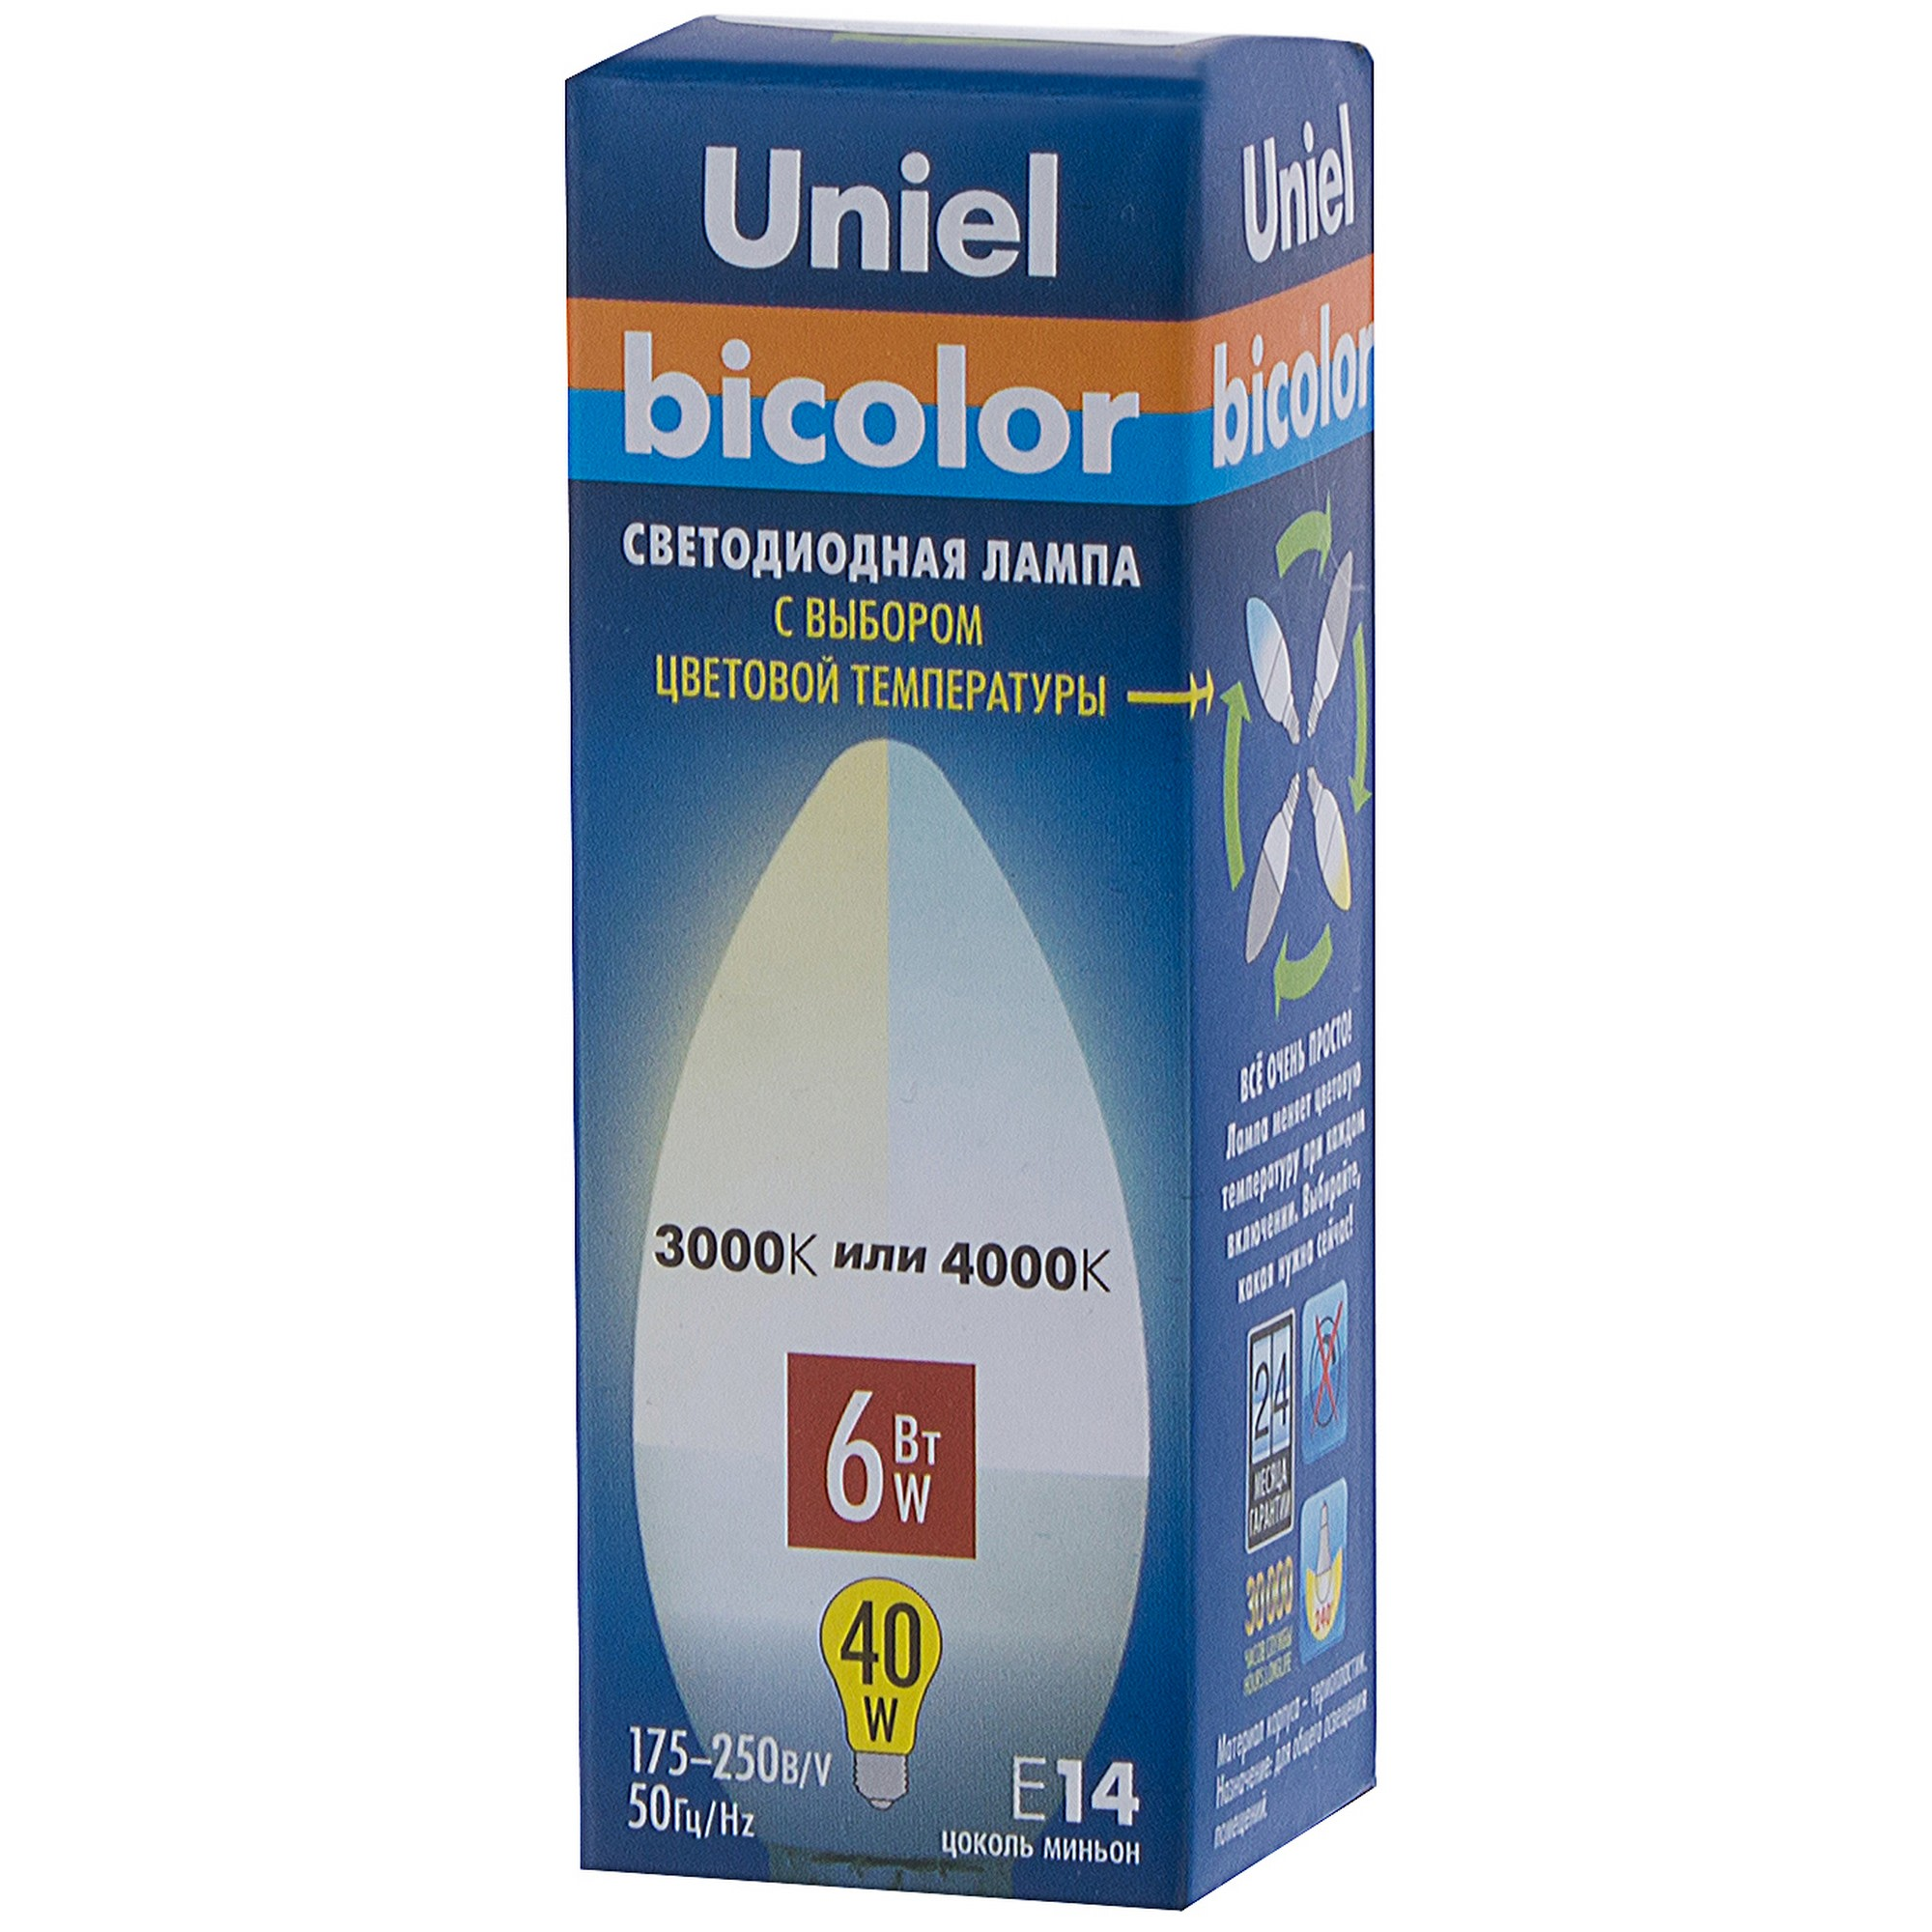 Лампа светодиодная Uniel свеча E14 6 Вт 450 Лм свет тёплый/холодный белый